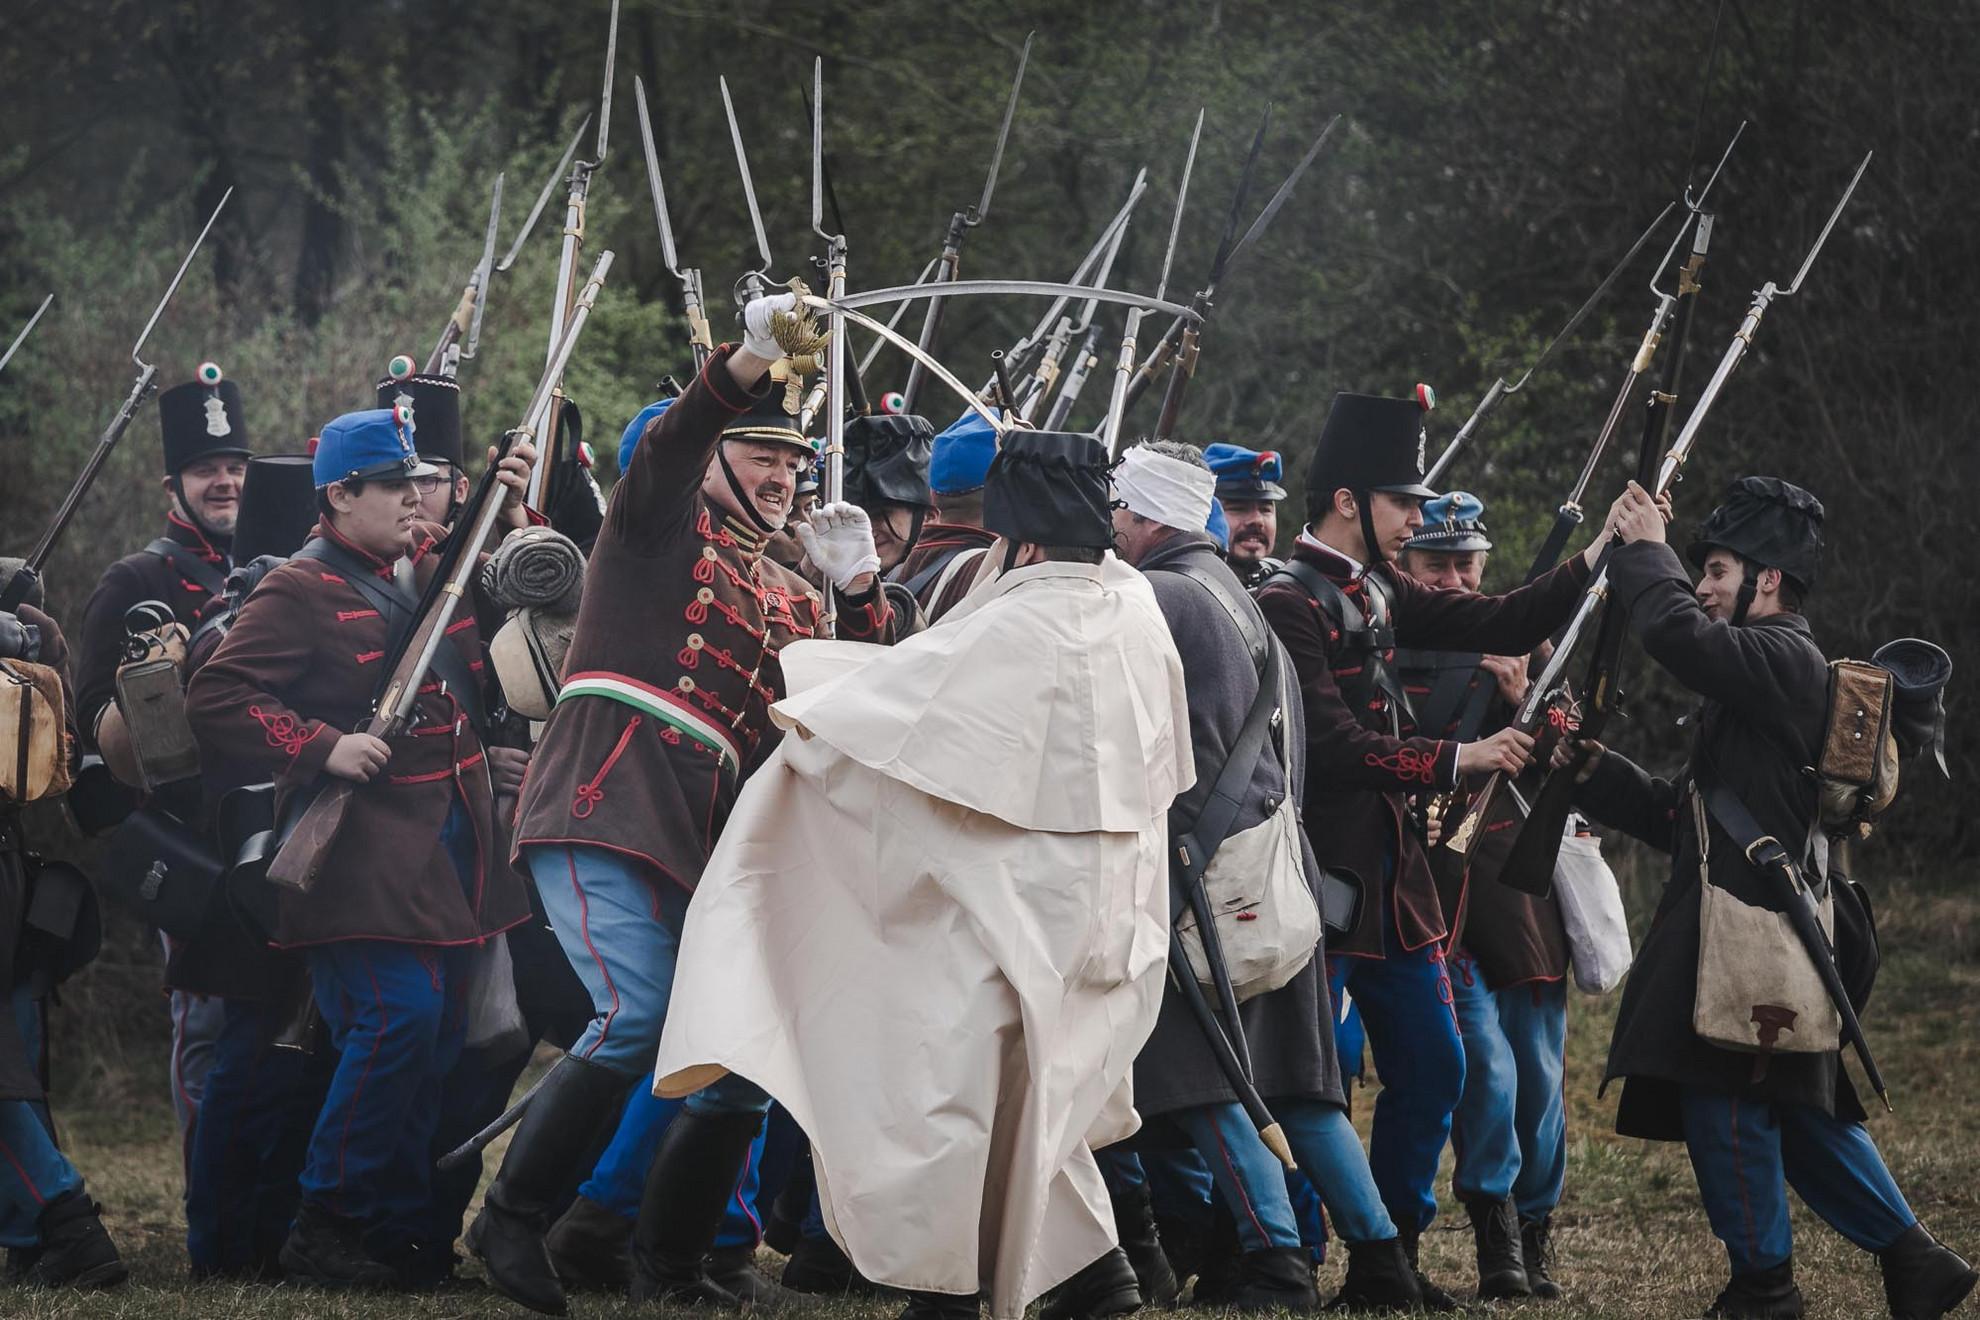 Több száz katonai hagyományőrző, köztük lovasok, gyalogosok és tüzérek újrajátszották szombaton a 31. Tavaszi Emlékhadjárat keretében az isaszegi győztes csatát az isaszegi Szoborhegy alatt.